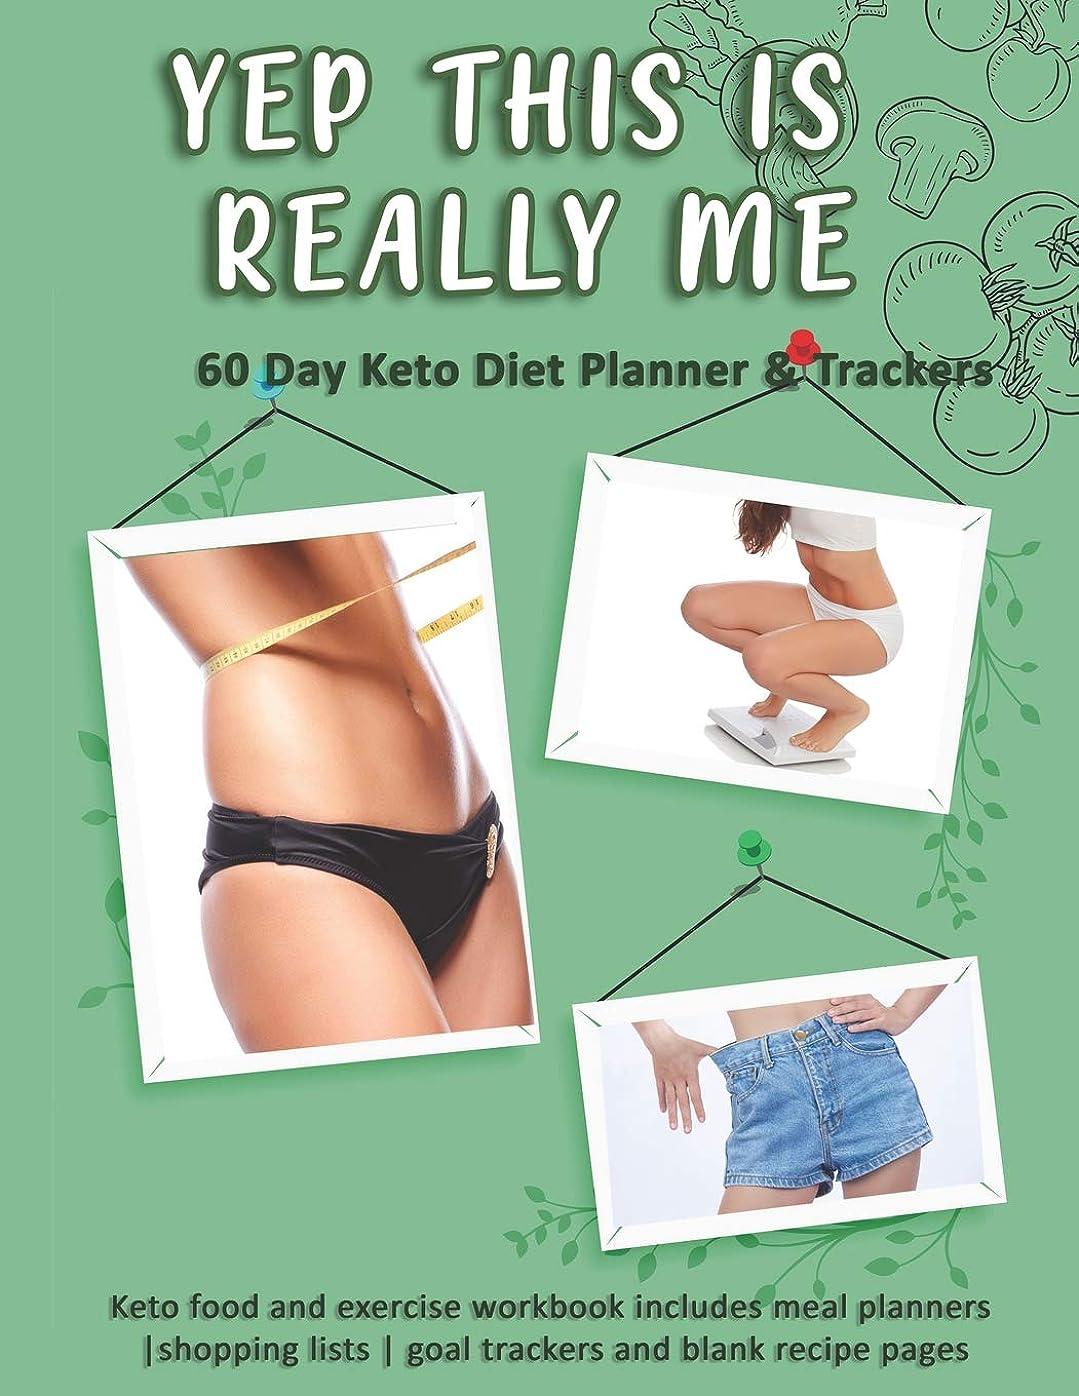 死ホール感謝祭Yep This Is Really Me: 60 Day Keto Diet Planner & Trackers: Keto food and exercise workbook includes meal planners |shopping lists | goal trackers and blank recipe pages